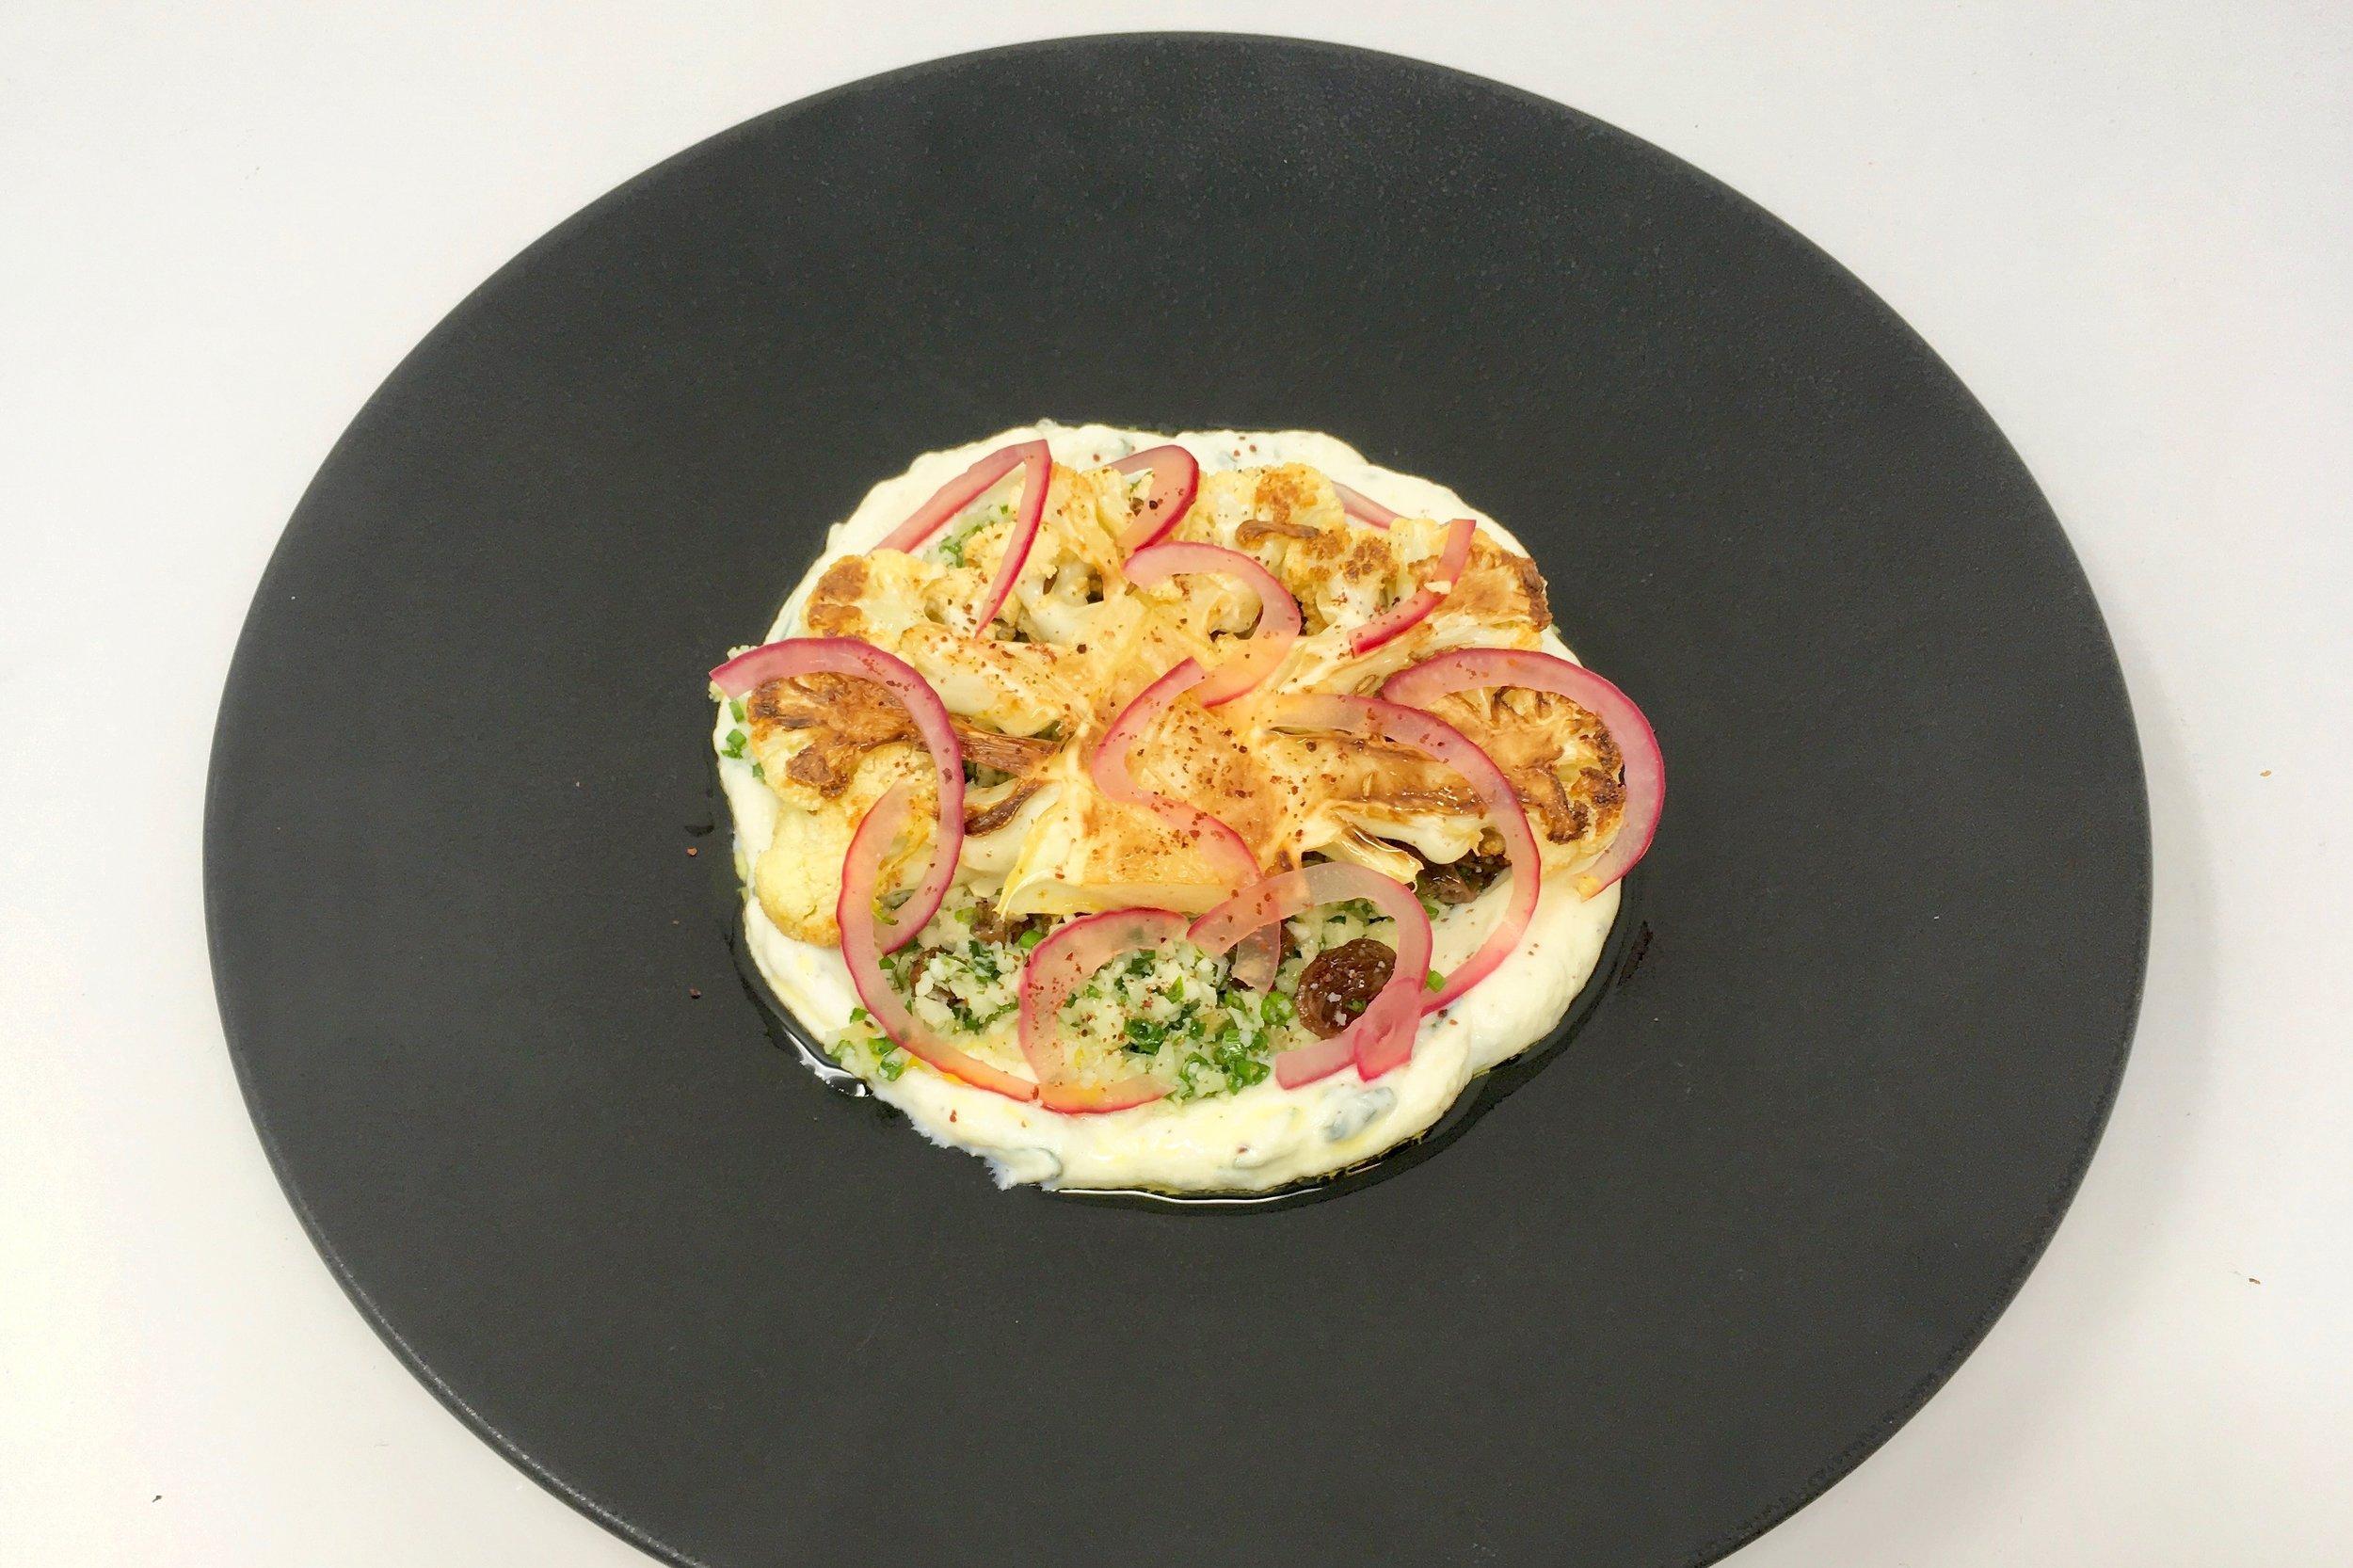 Chef's cauliflower steak with cauliflower couscous